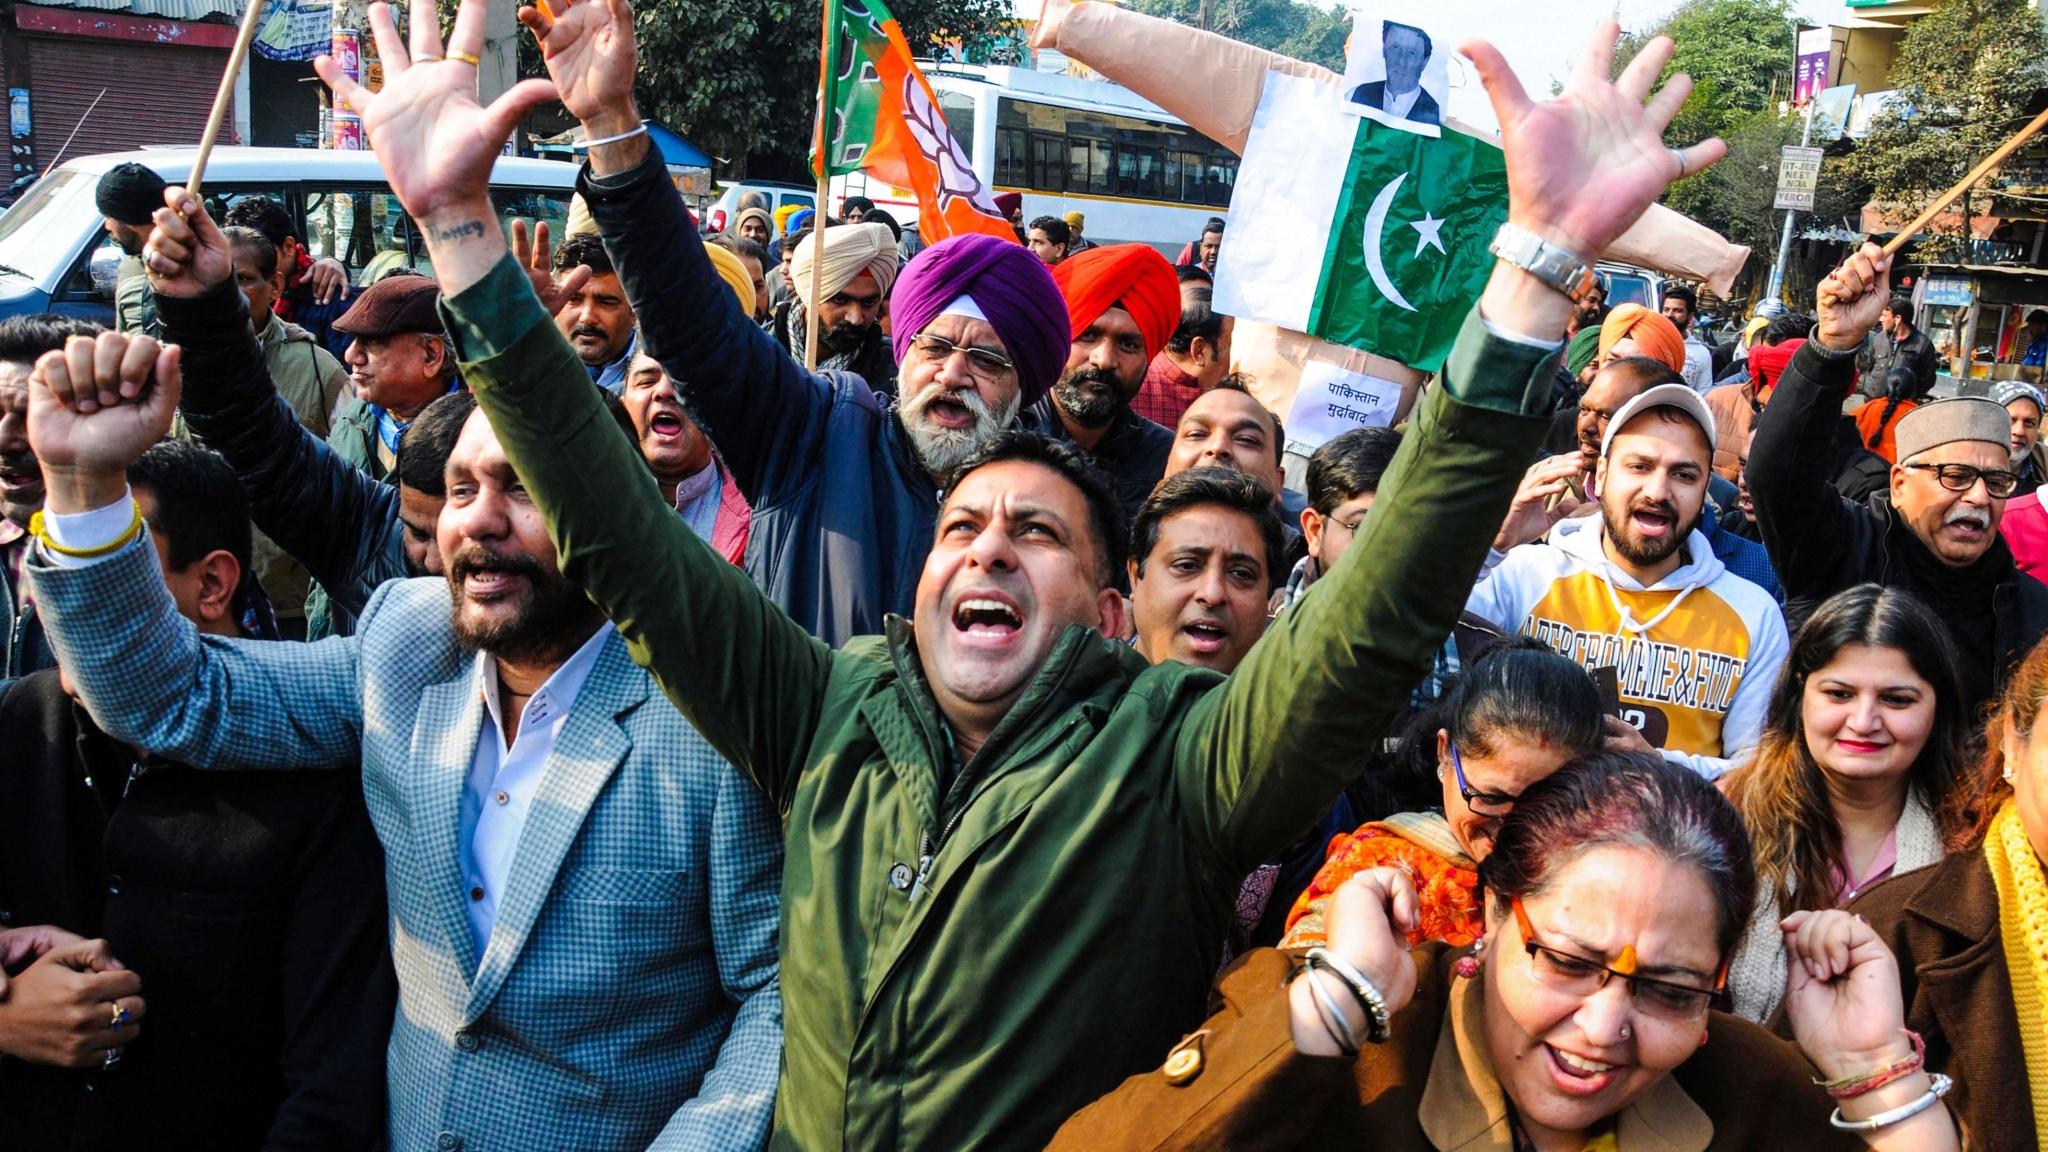 Image result for पाकिस्तान में ननकाना साहिब गुरुद्वारा पर हुए हमले के बाद भारत में विरोध प्रदर्शन का दौर लगातार जारी है।